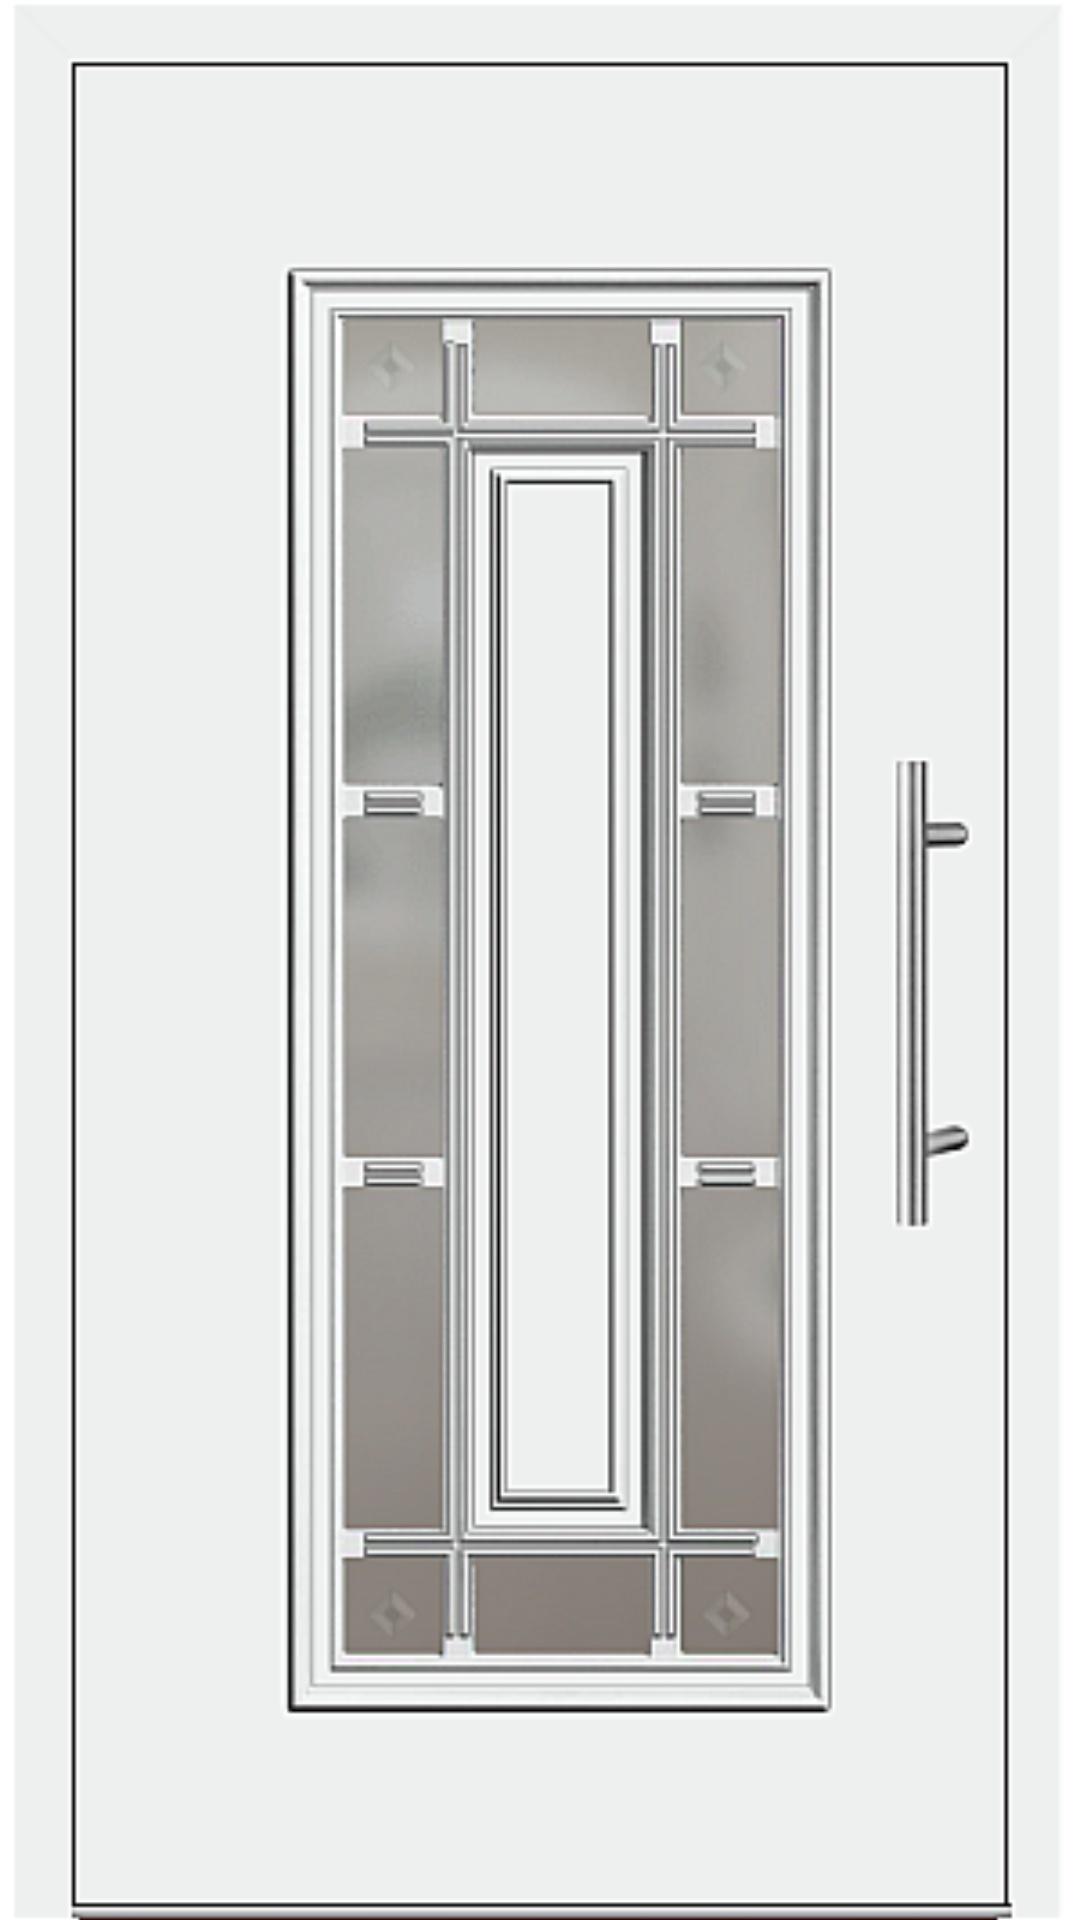 Kunststoff Haustür Modell 4150-11 weiß